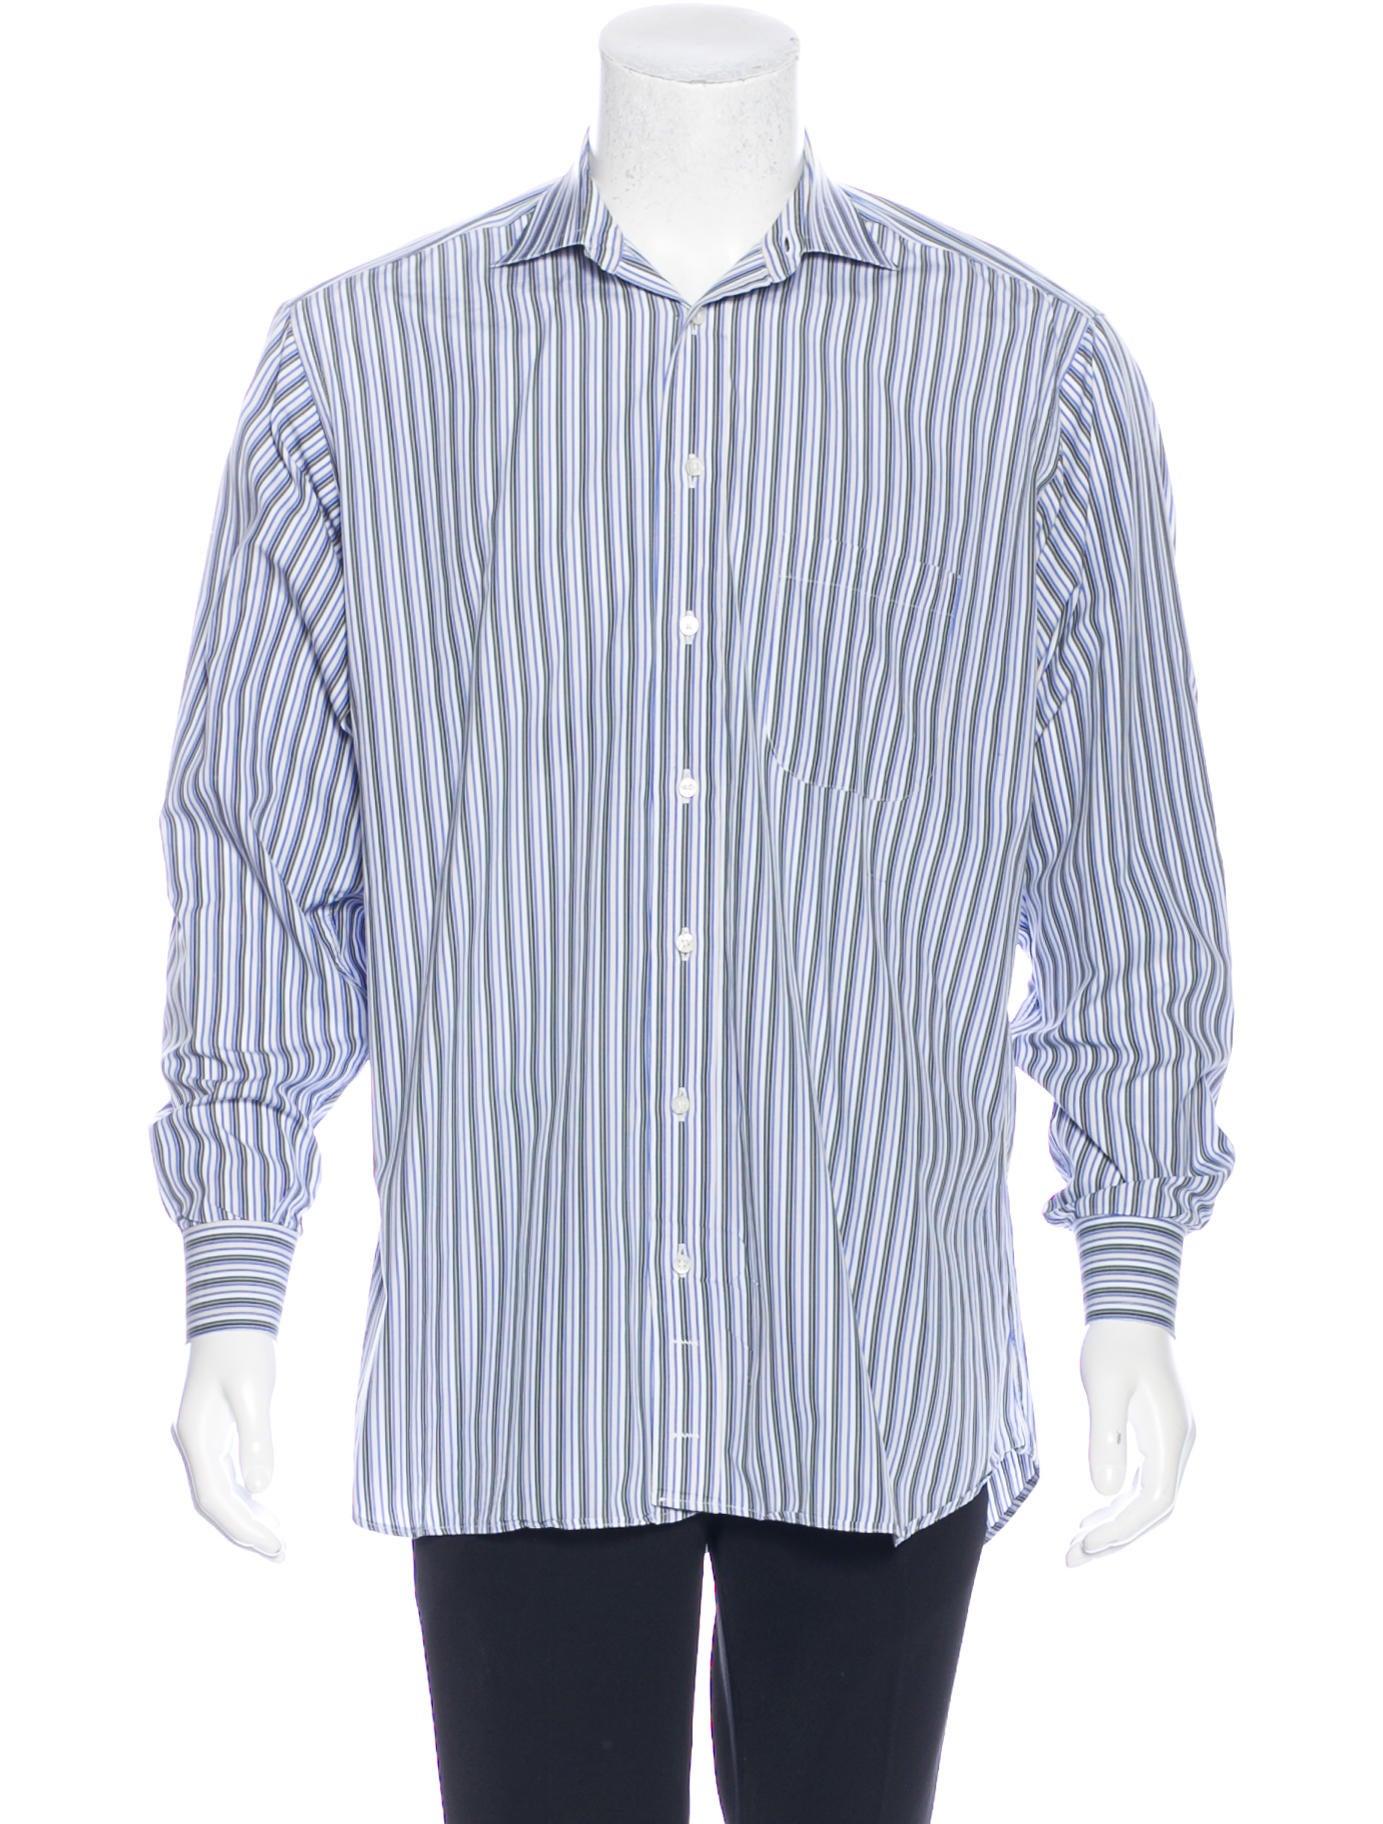 Burberry London Striped Dress Shirt Clothing